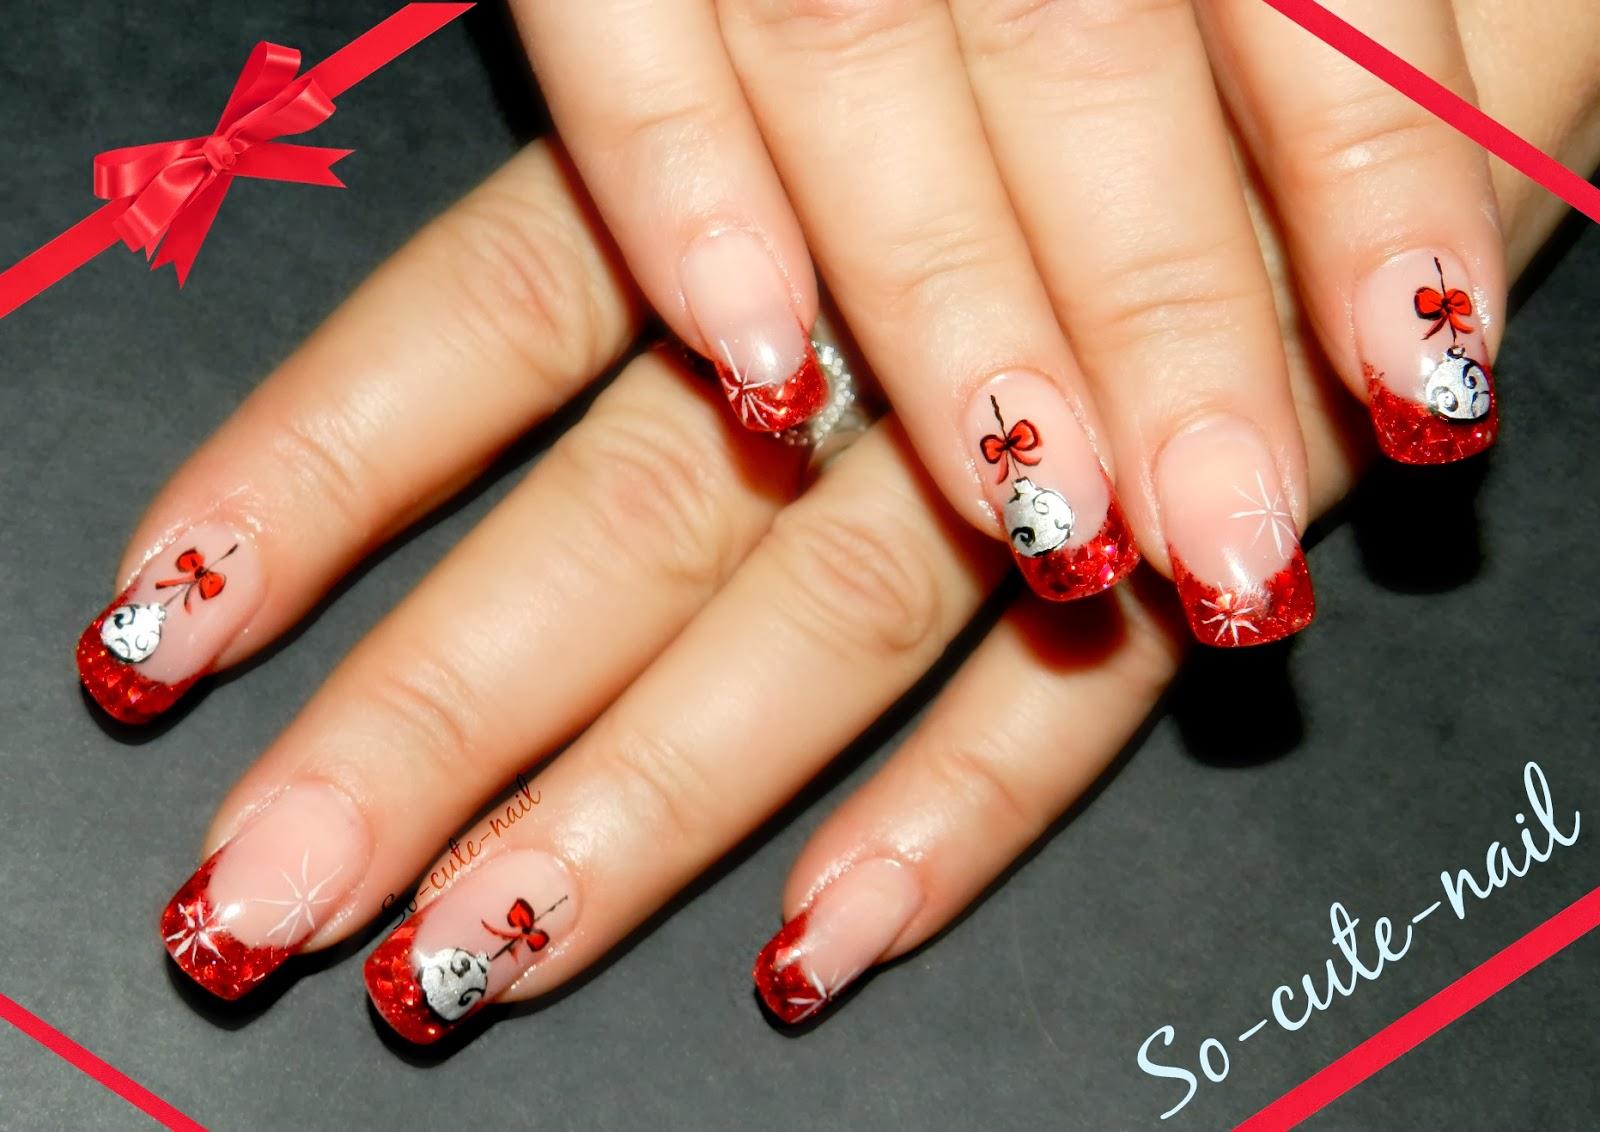 ce nail art est un inspire d un nail art de noel que cherry a fait l annee derniere oui cette annee je n ai pas trop de nouveaute